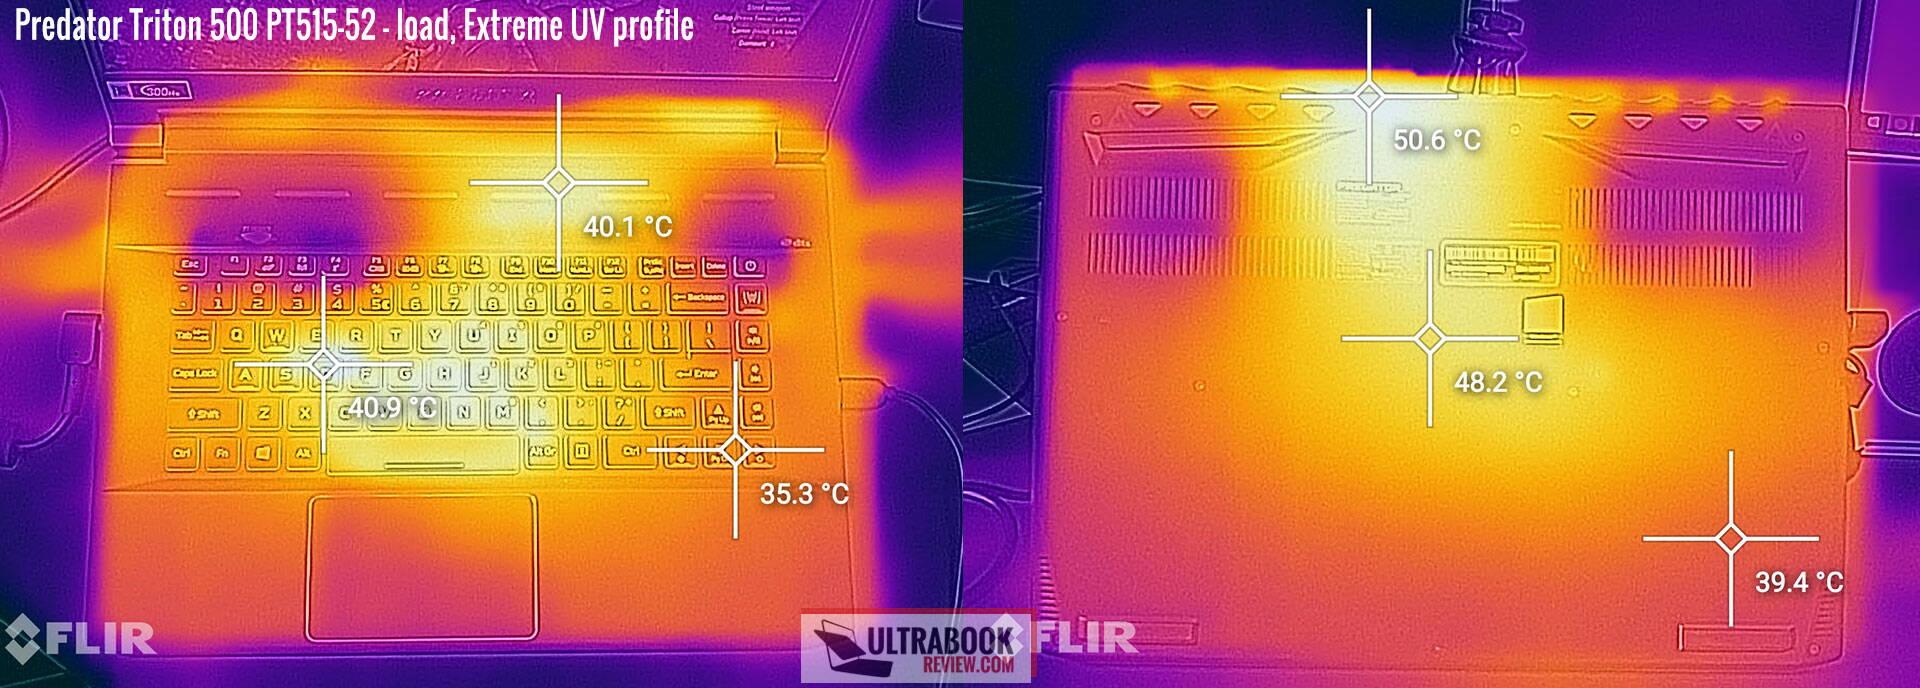 temperatures-load-extreme-triton500